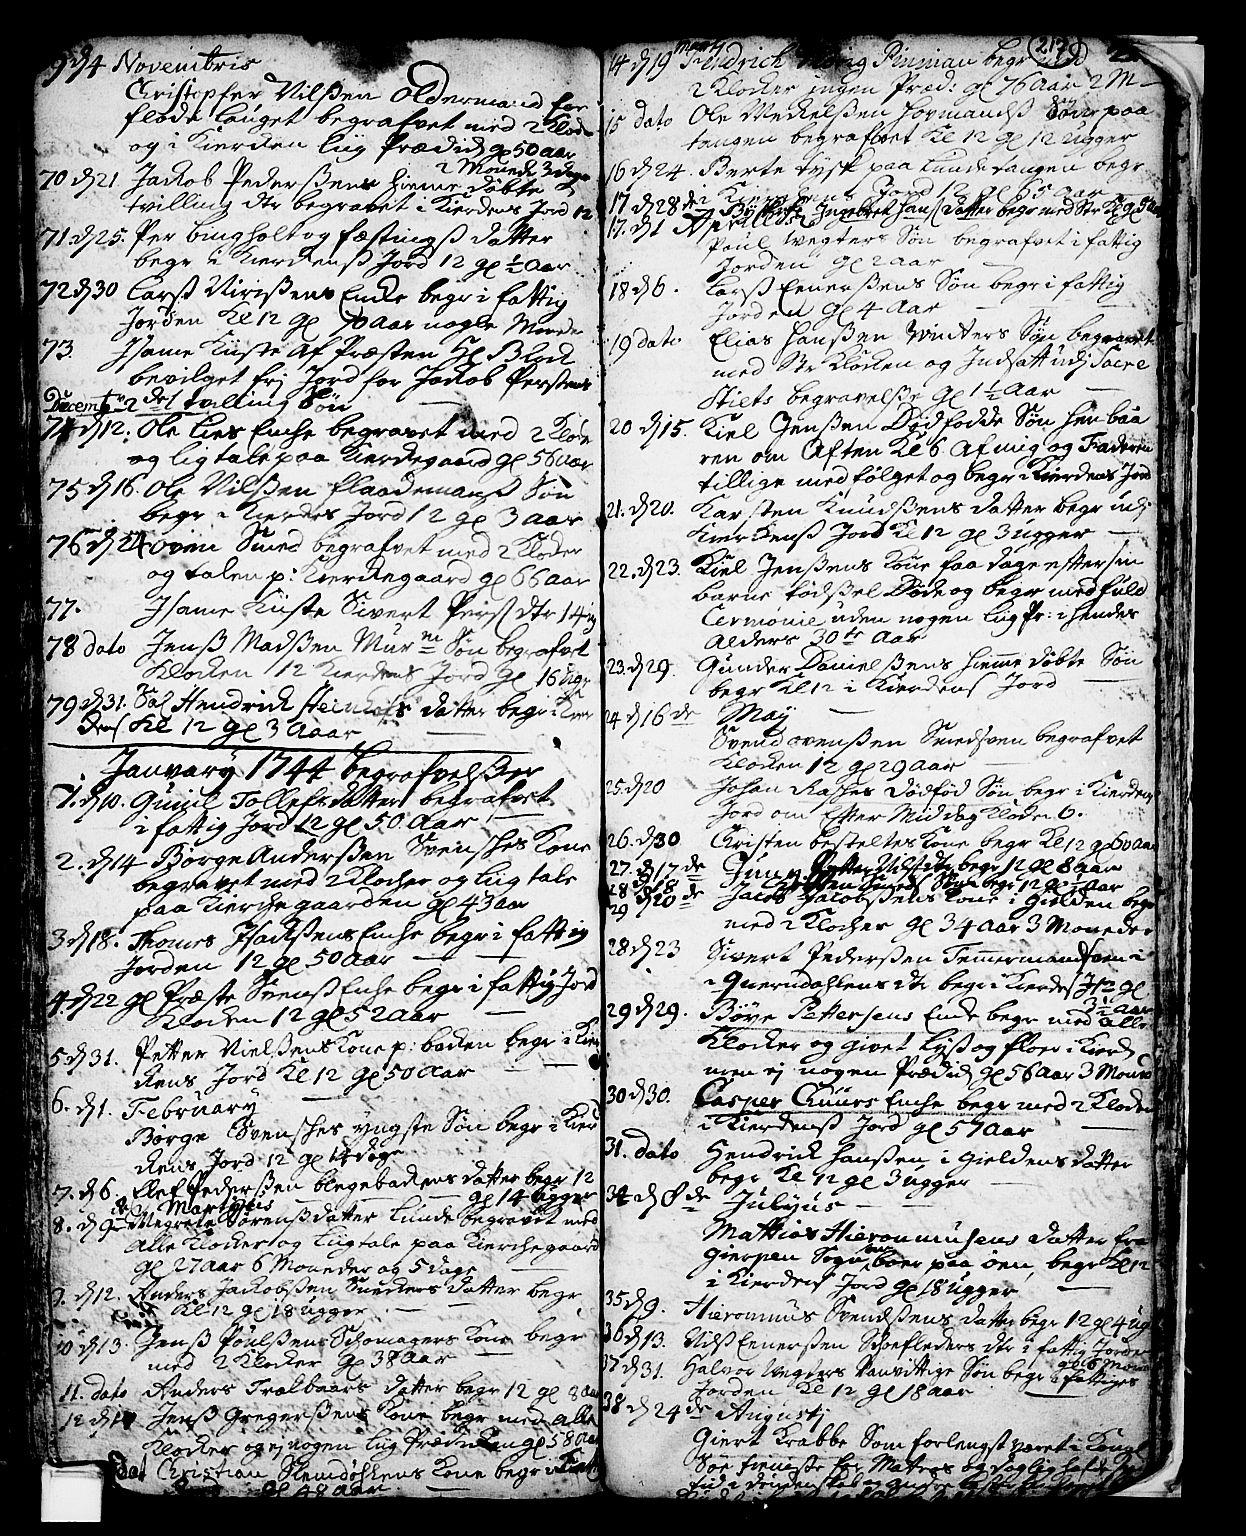 SAKO, Skien kirkebøker, F/Fa/L0002: Ministerialbok nr. 2, 1716-1757, s. 217